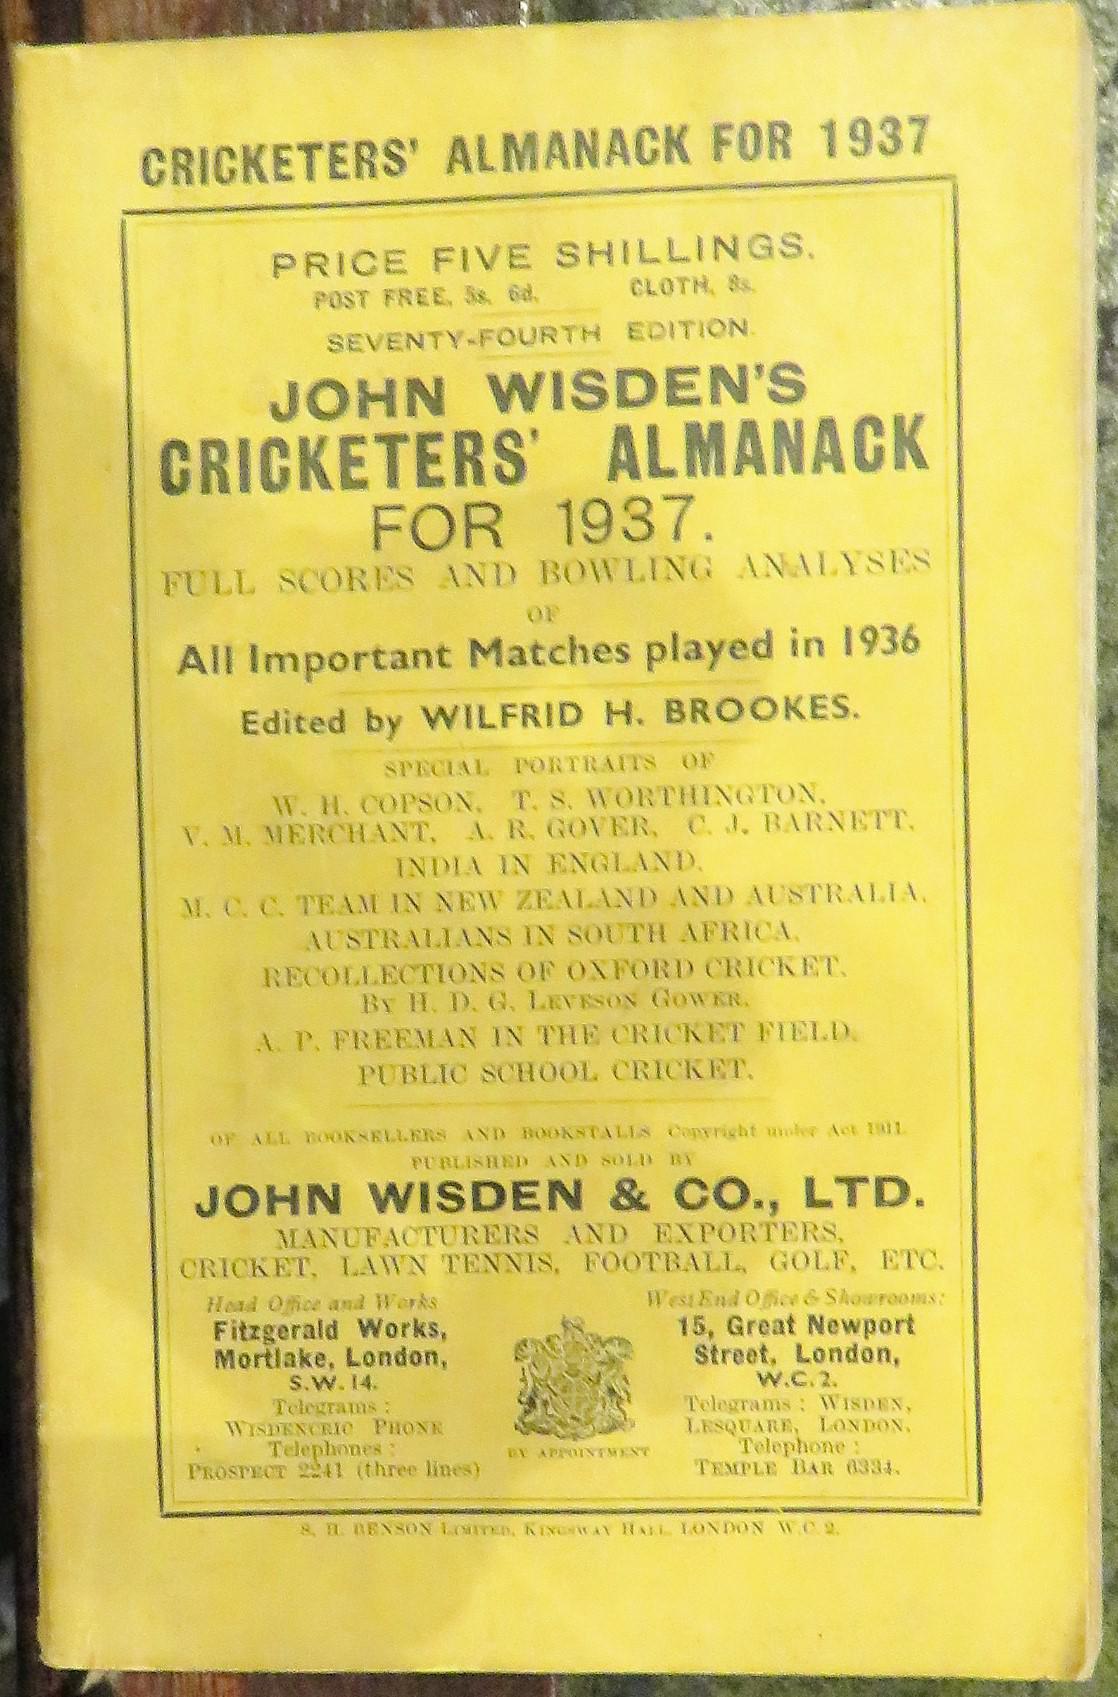 **John Wisden's Cricketers' Almanack For 1937